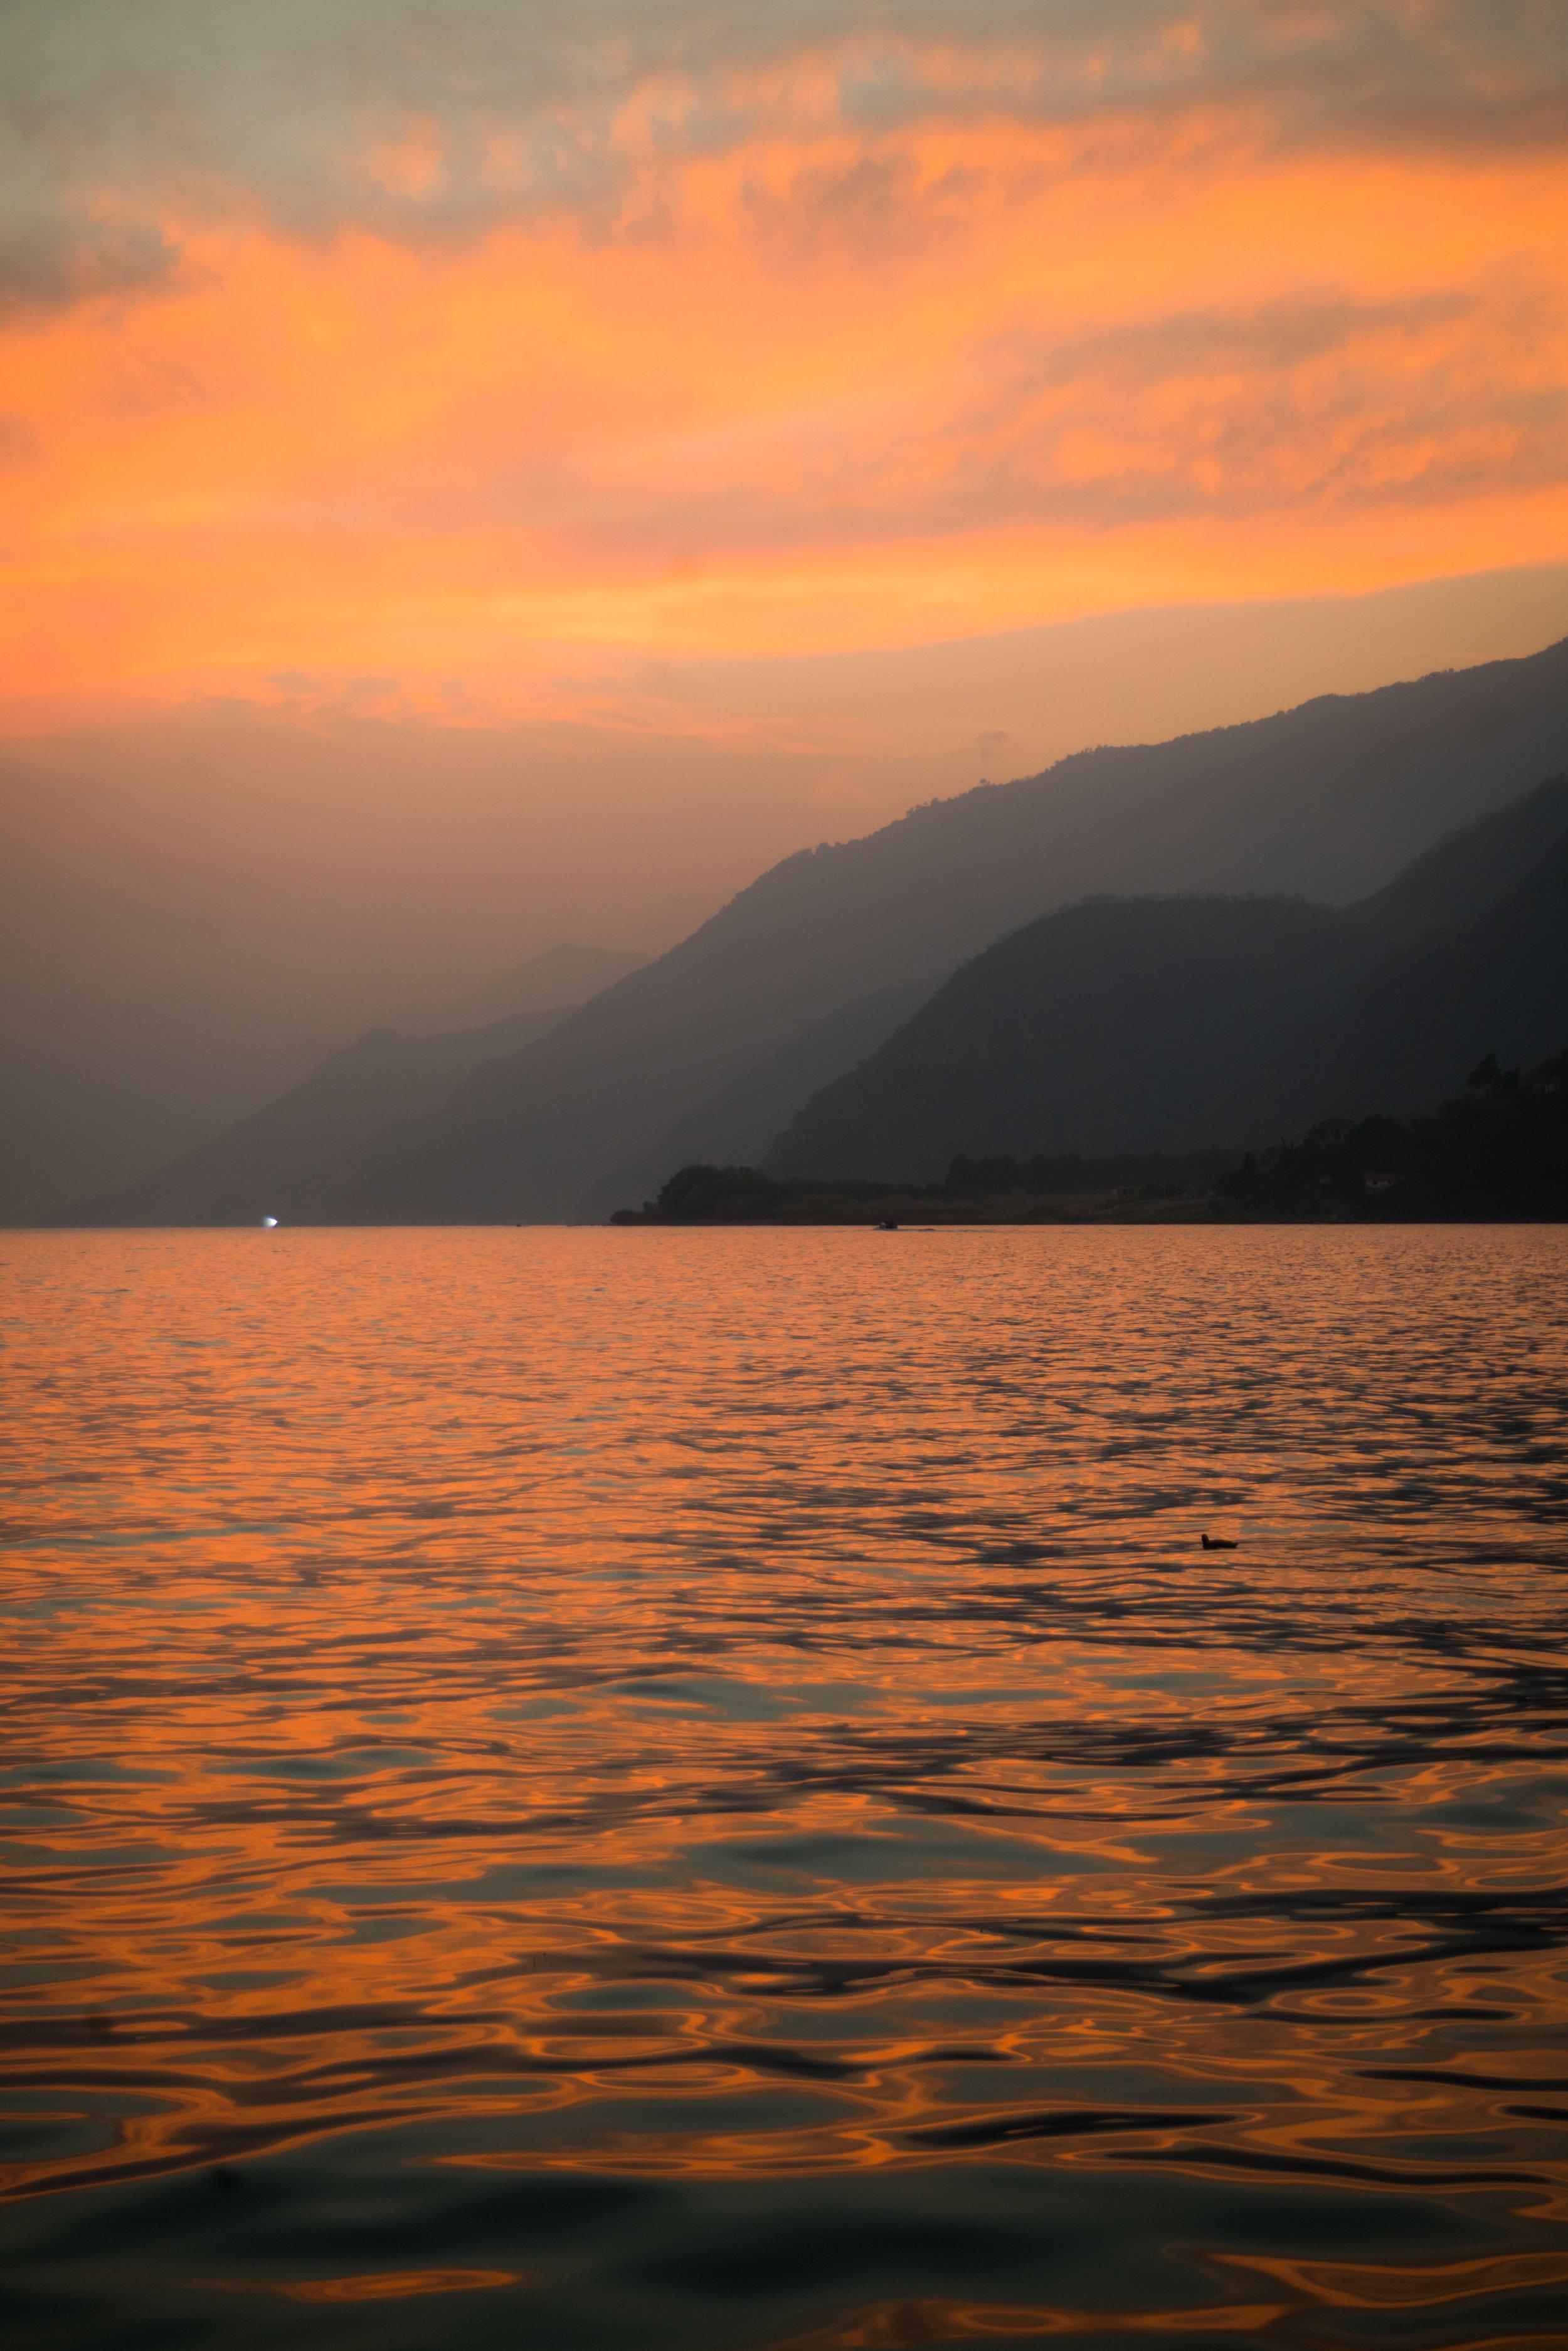 Sunset from Panajachel, Lake Atitlan